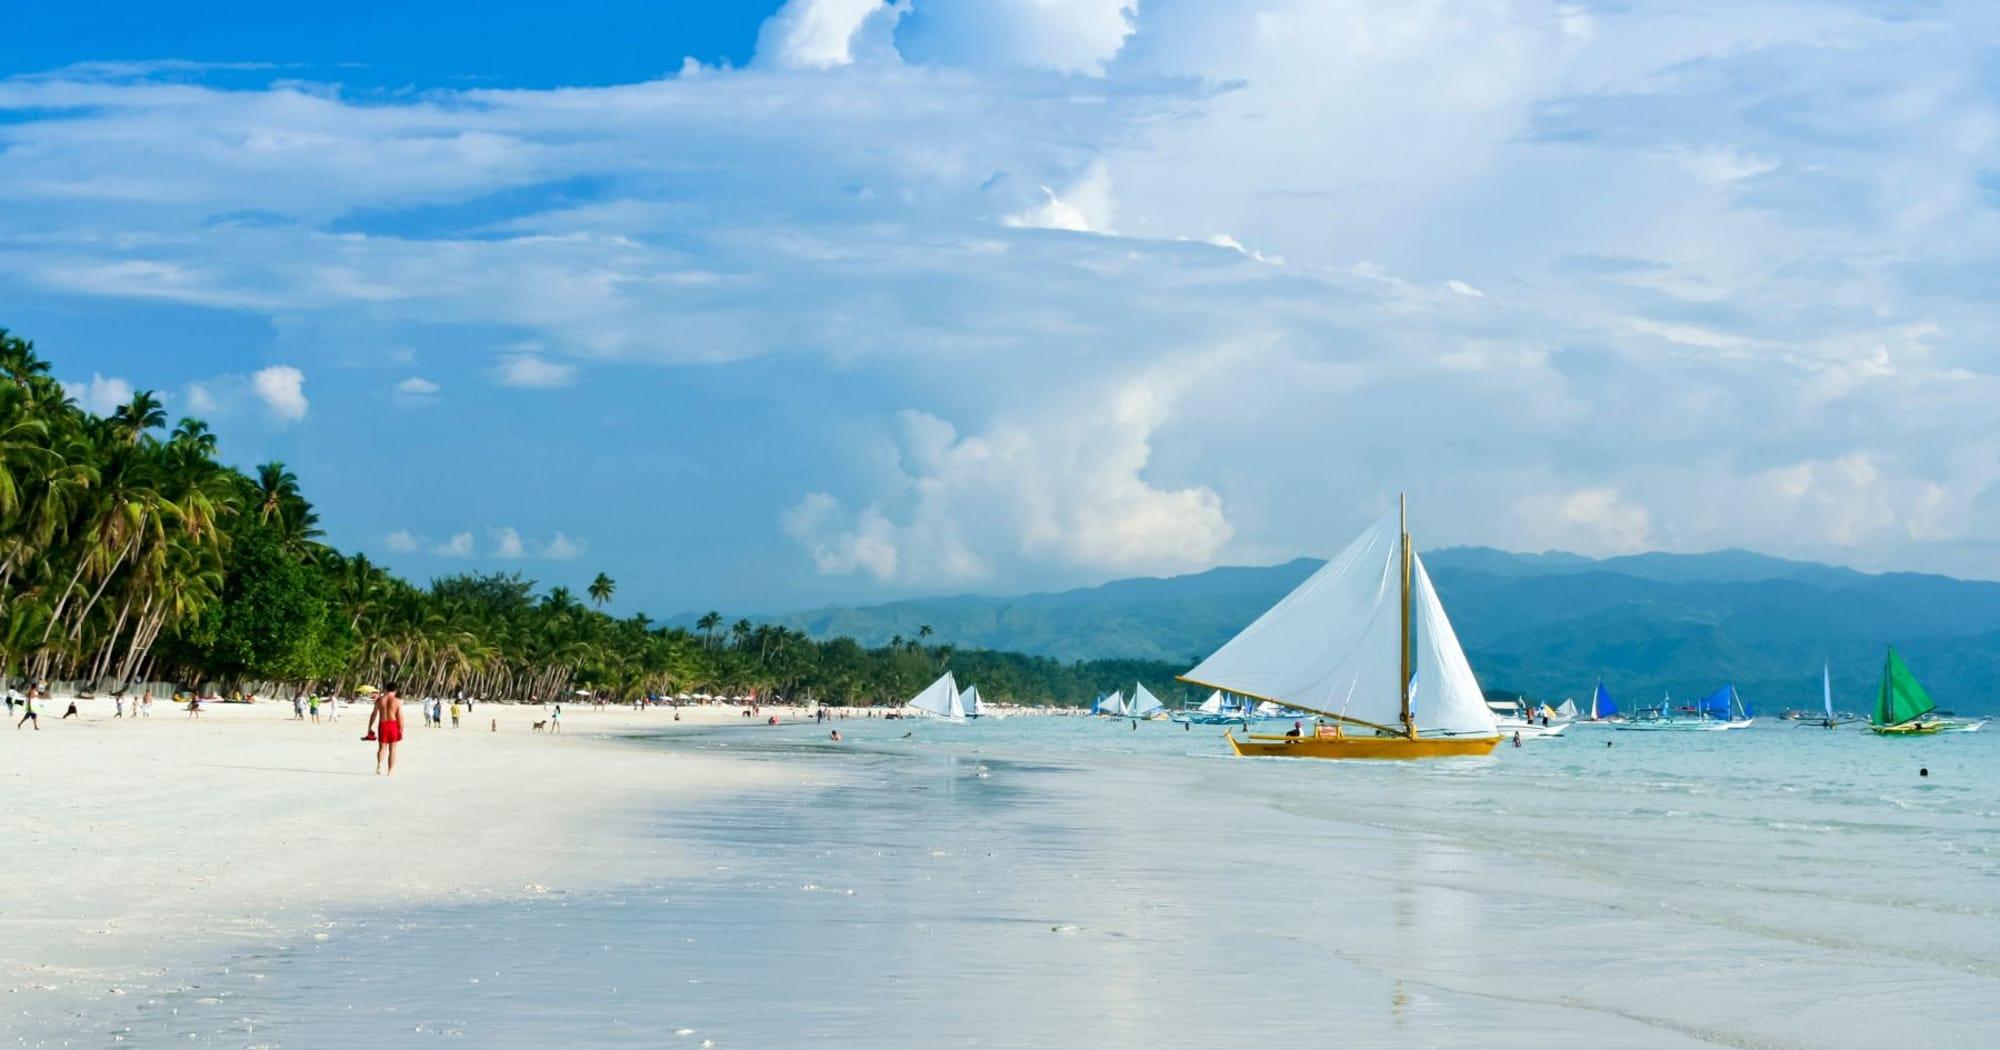 Western Visayas earned P21.6 billion on tourism despite pandemic